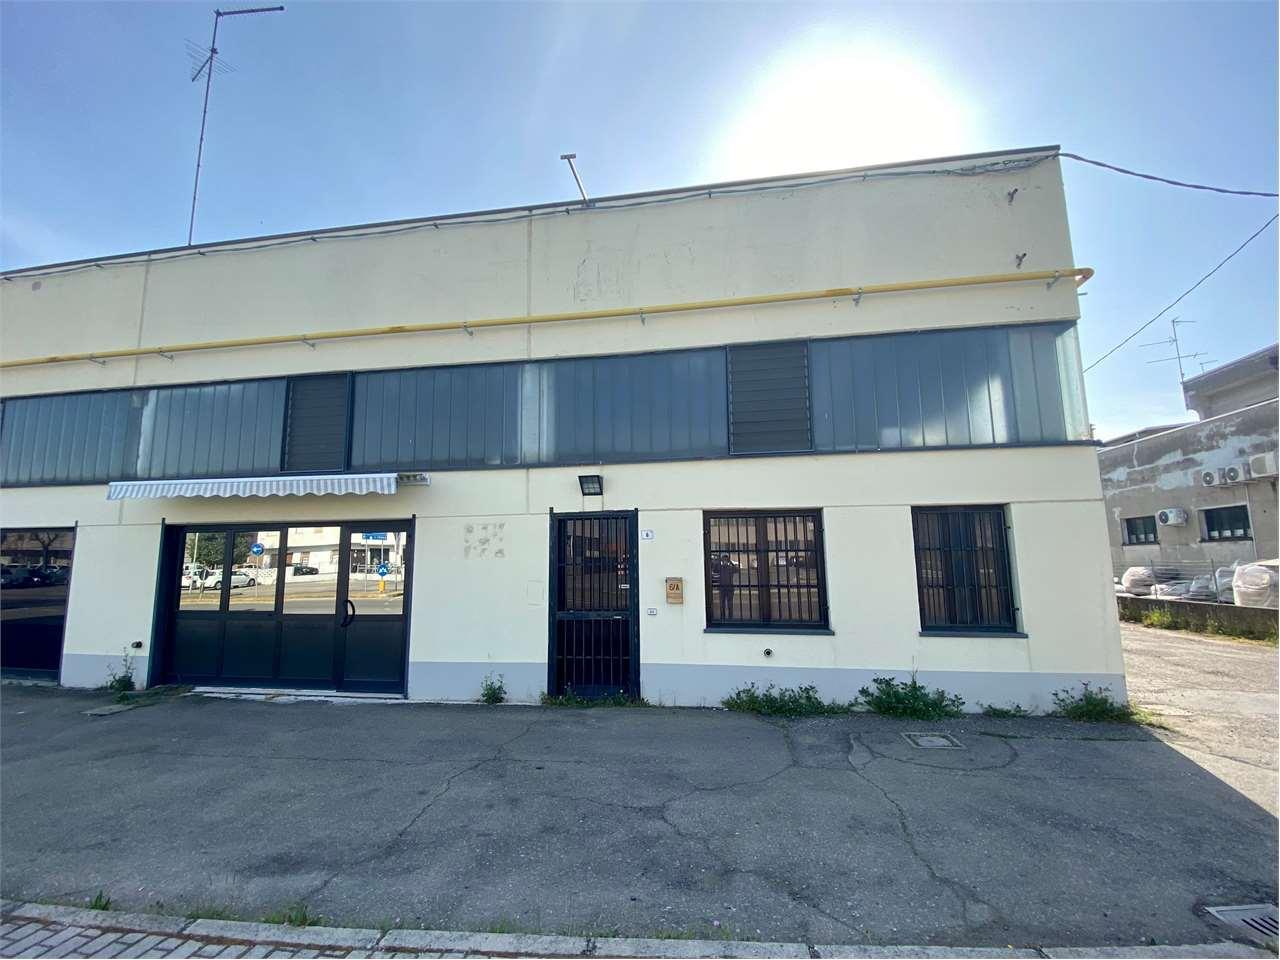 Capannone in vendita a Campogalliano, 1 locali, prezzo € 200.000 | CambioCasa.it